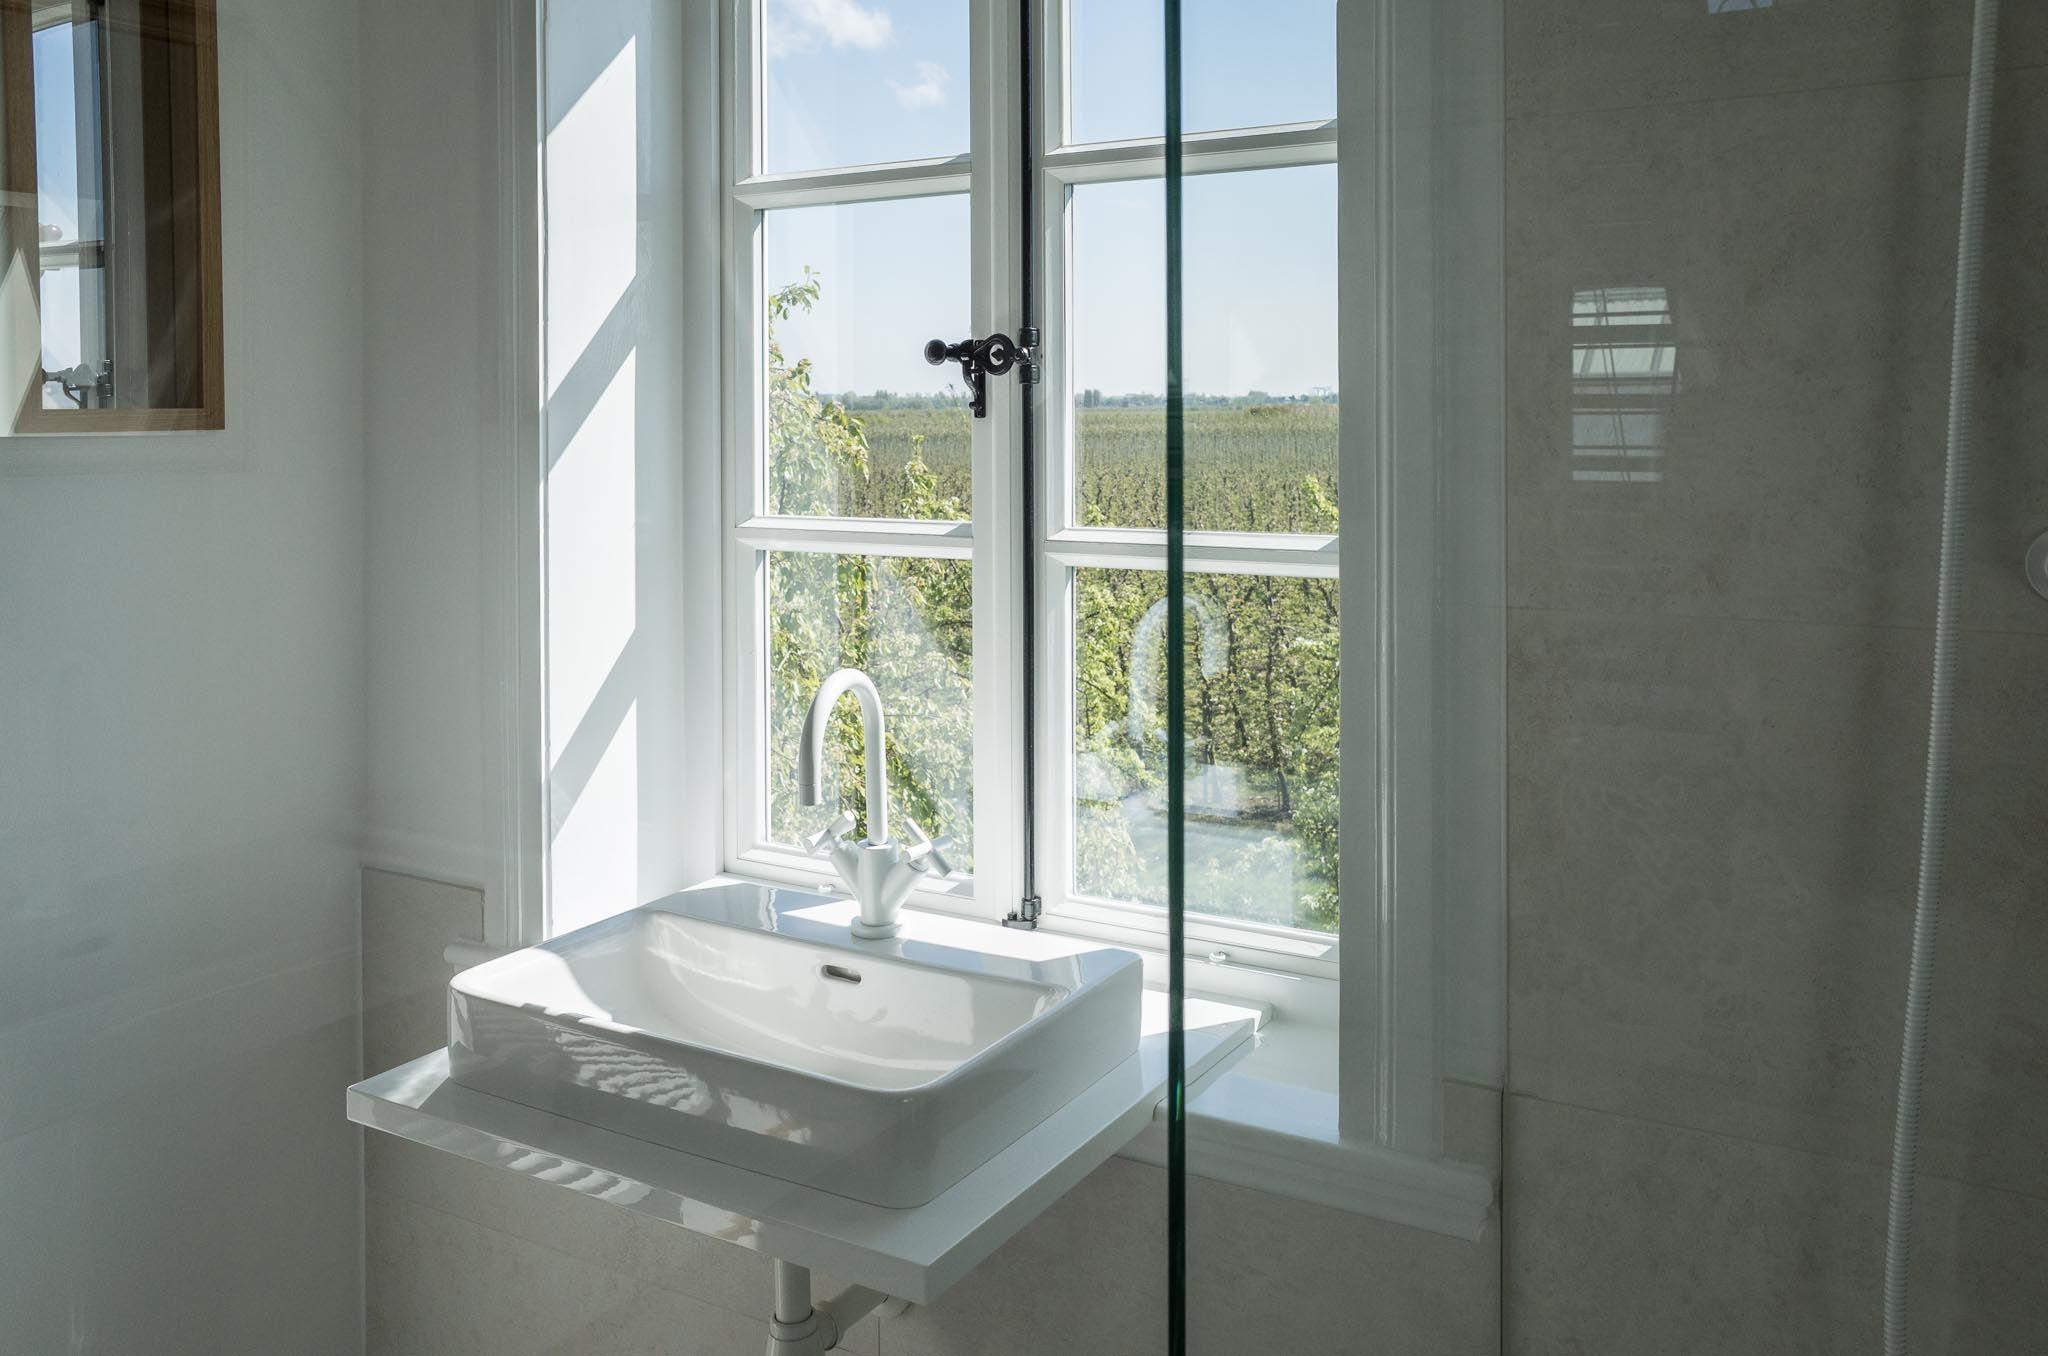 Trennwand vorhang holzboden weiss lack balken dornbracht vollverglast dusche - Spiegel sprossenfenster ...